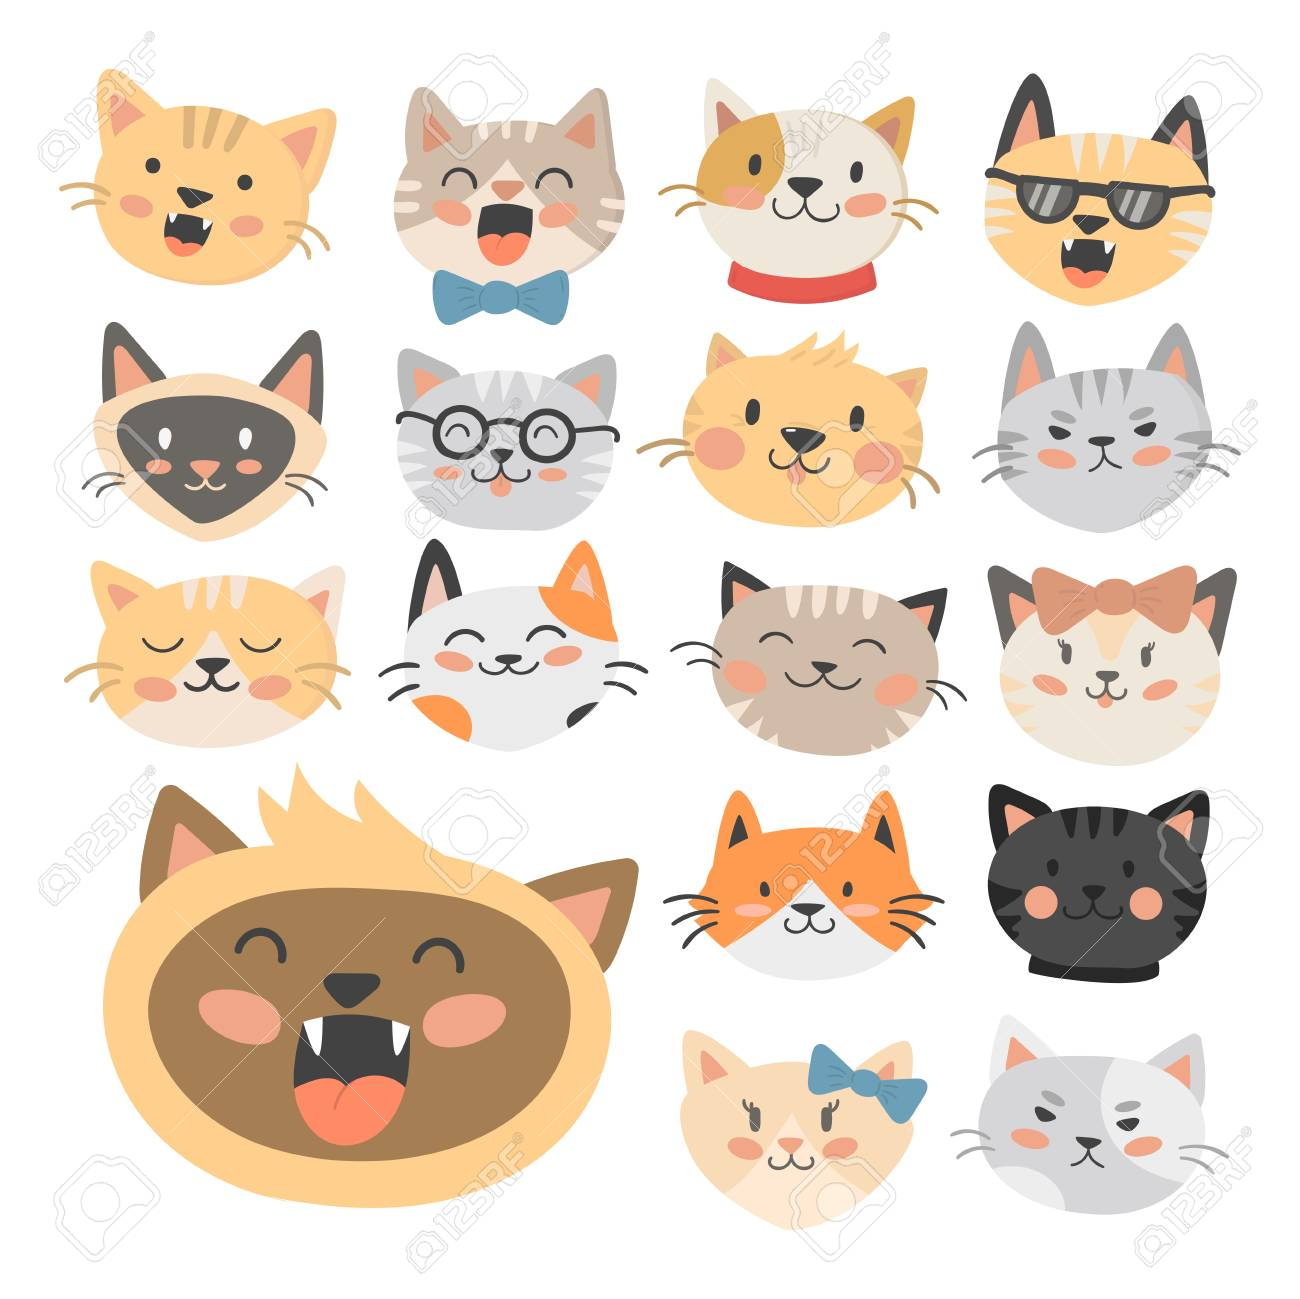 猫頭イラストかわいい動物面白い飾り文字猫国内流行ペット描画 の写真素材 画像素材 Image